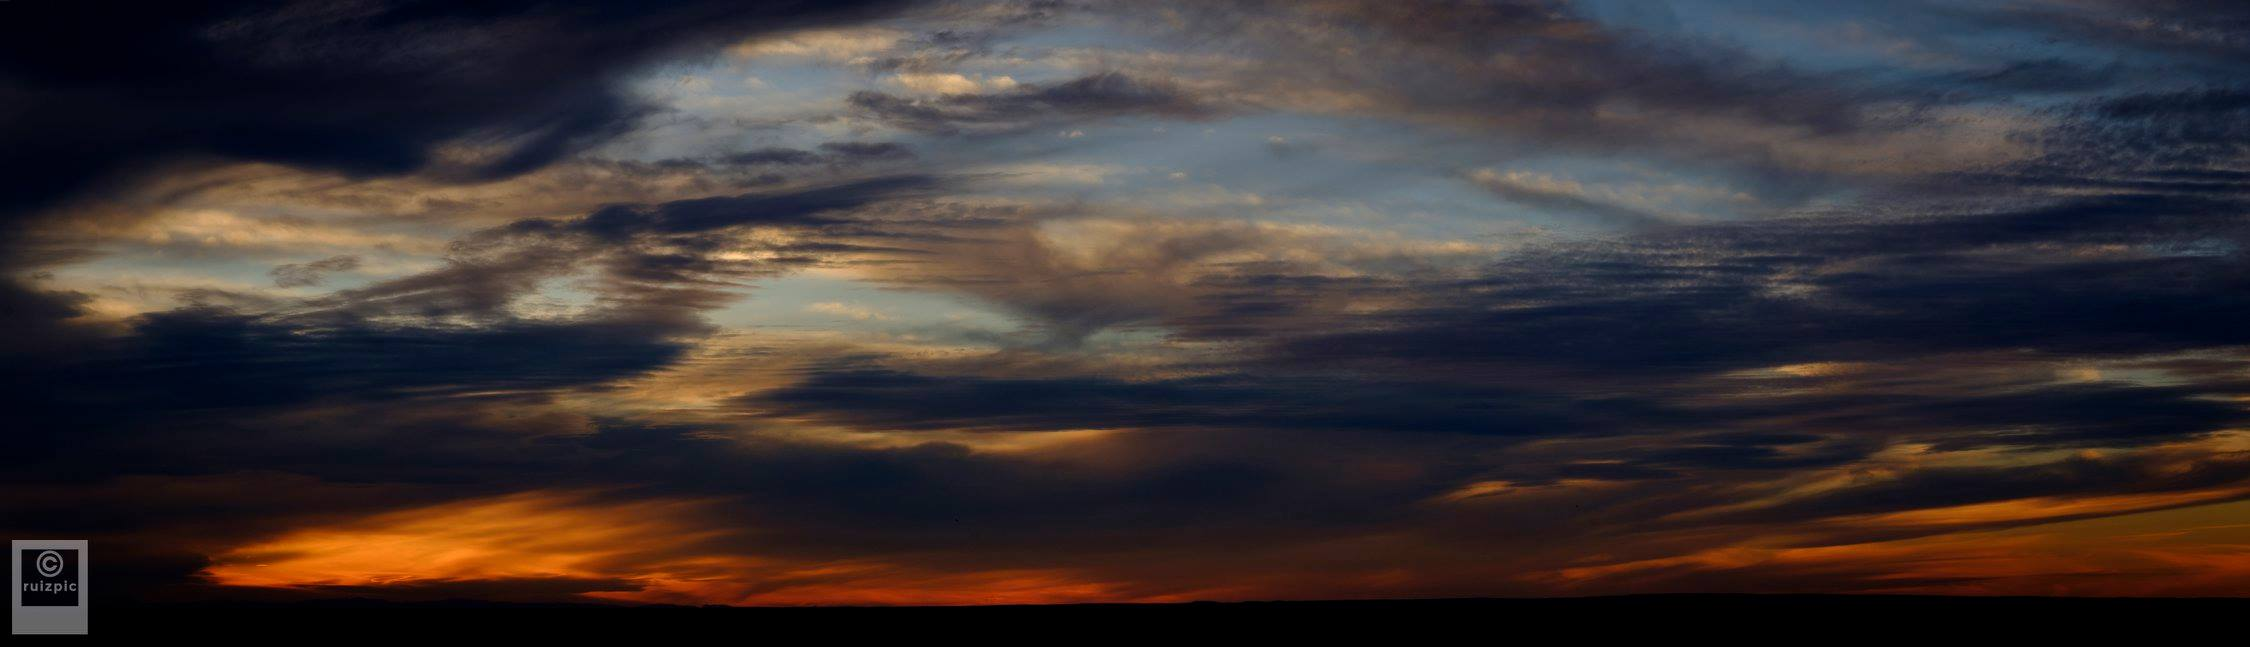 Fire Sunset West TX.jpg